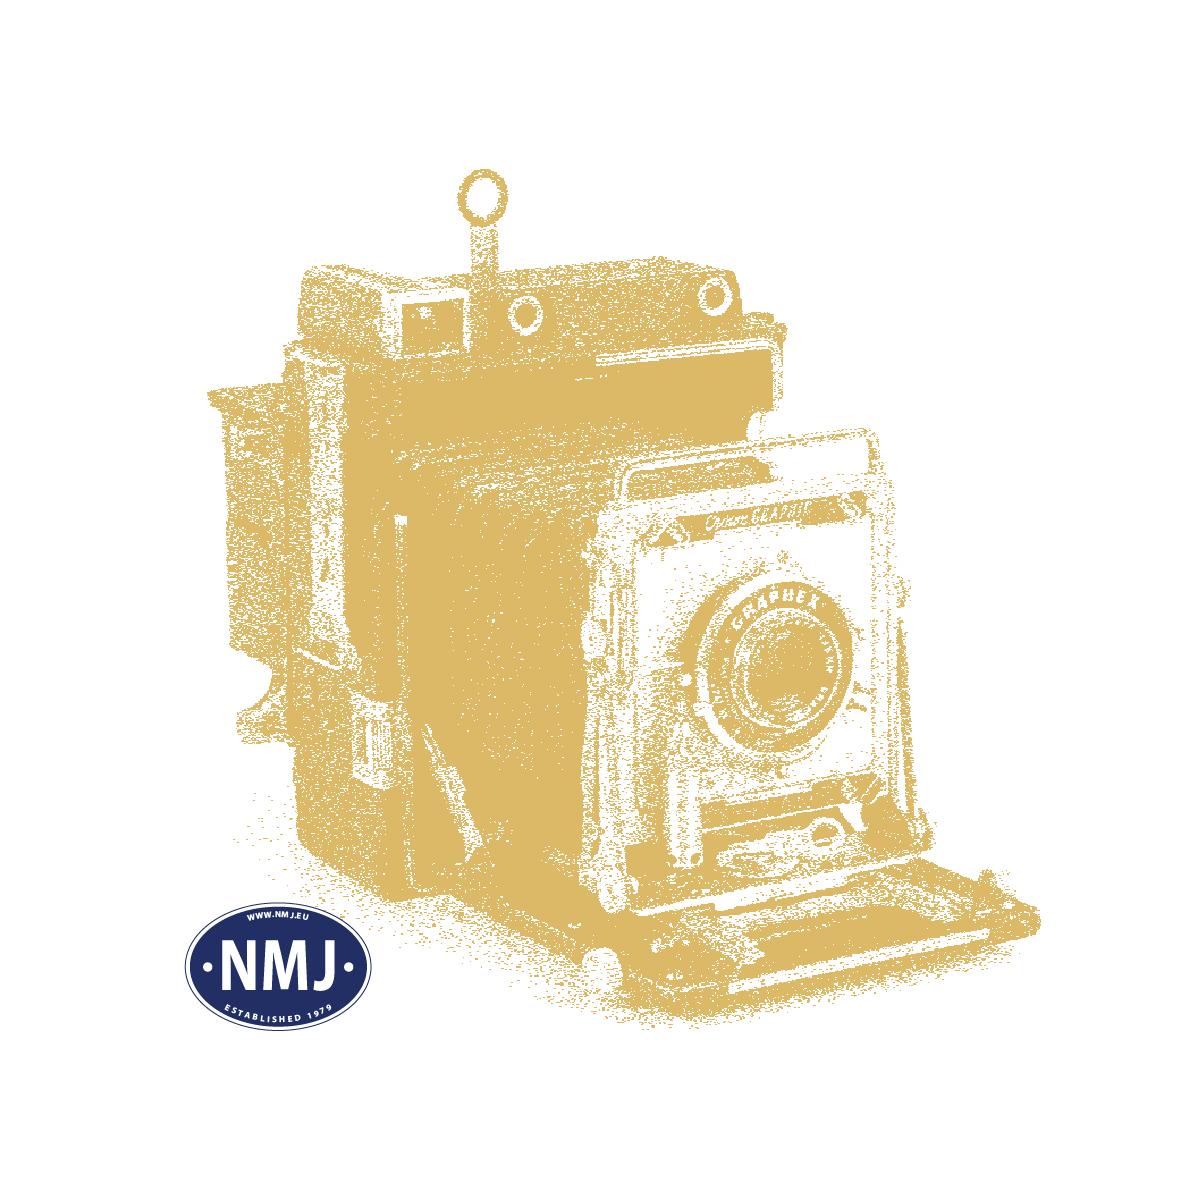 NMJT505.303 - NMJ Topline Rps 31 76 393 3 202-3 Flachwagen NSB mit Finsam Holzschnitzelcontainer